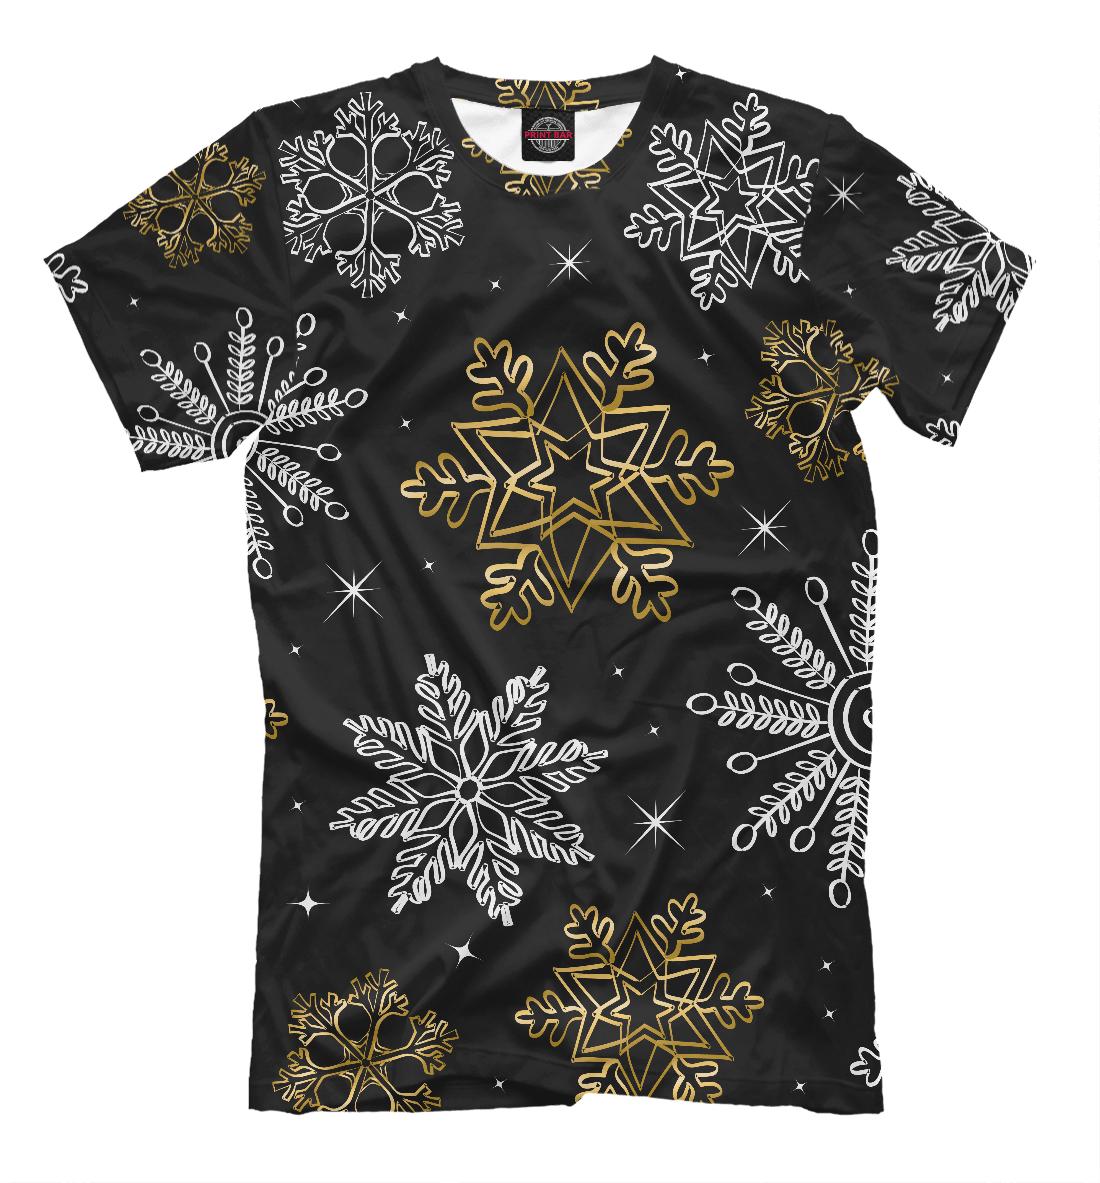 Купить Новогодние снежинки, Printbar, Футболки, NOV-842309-fut-2